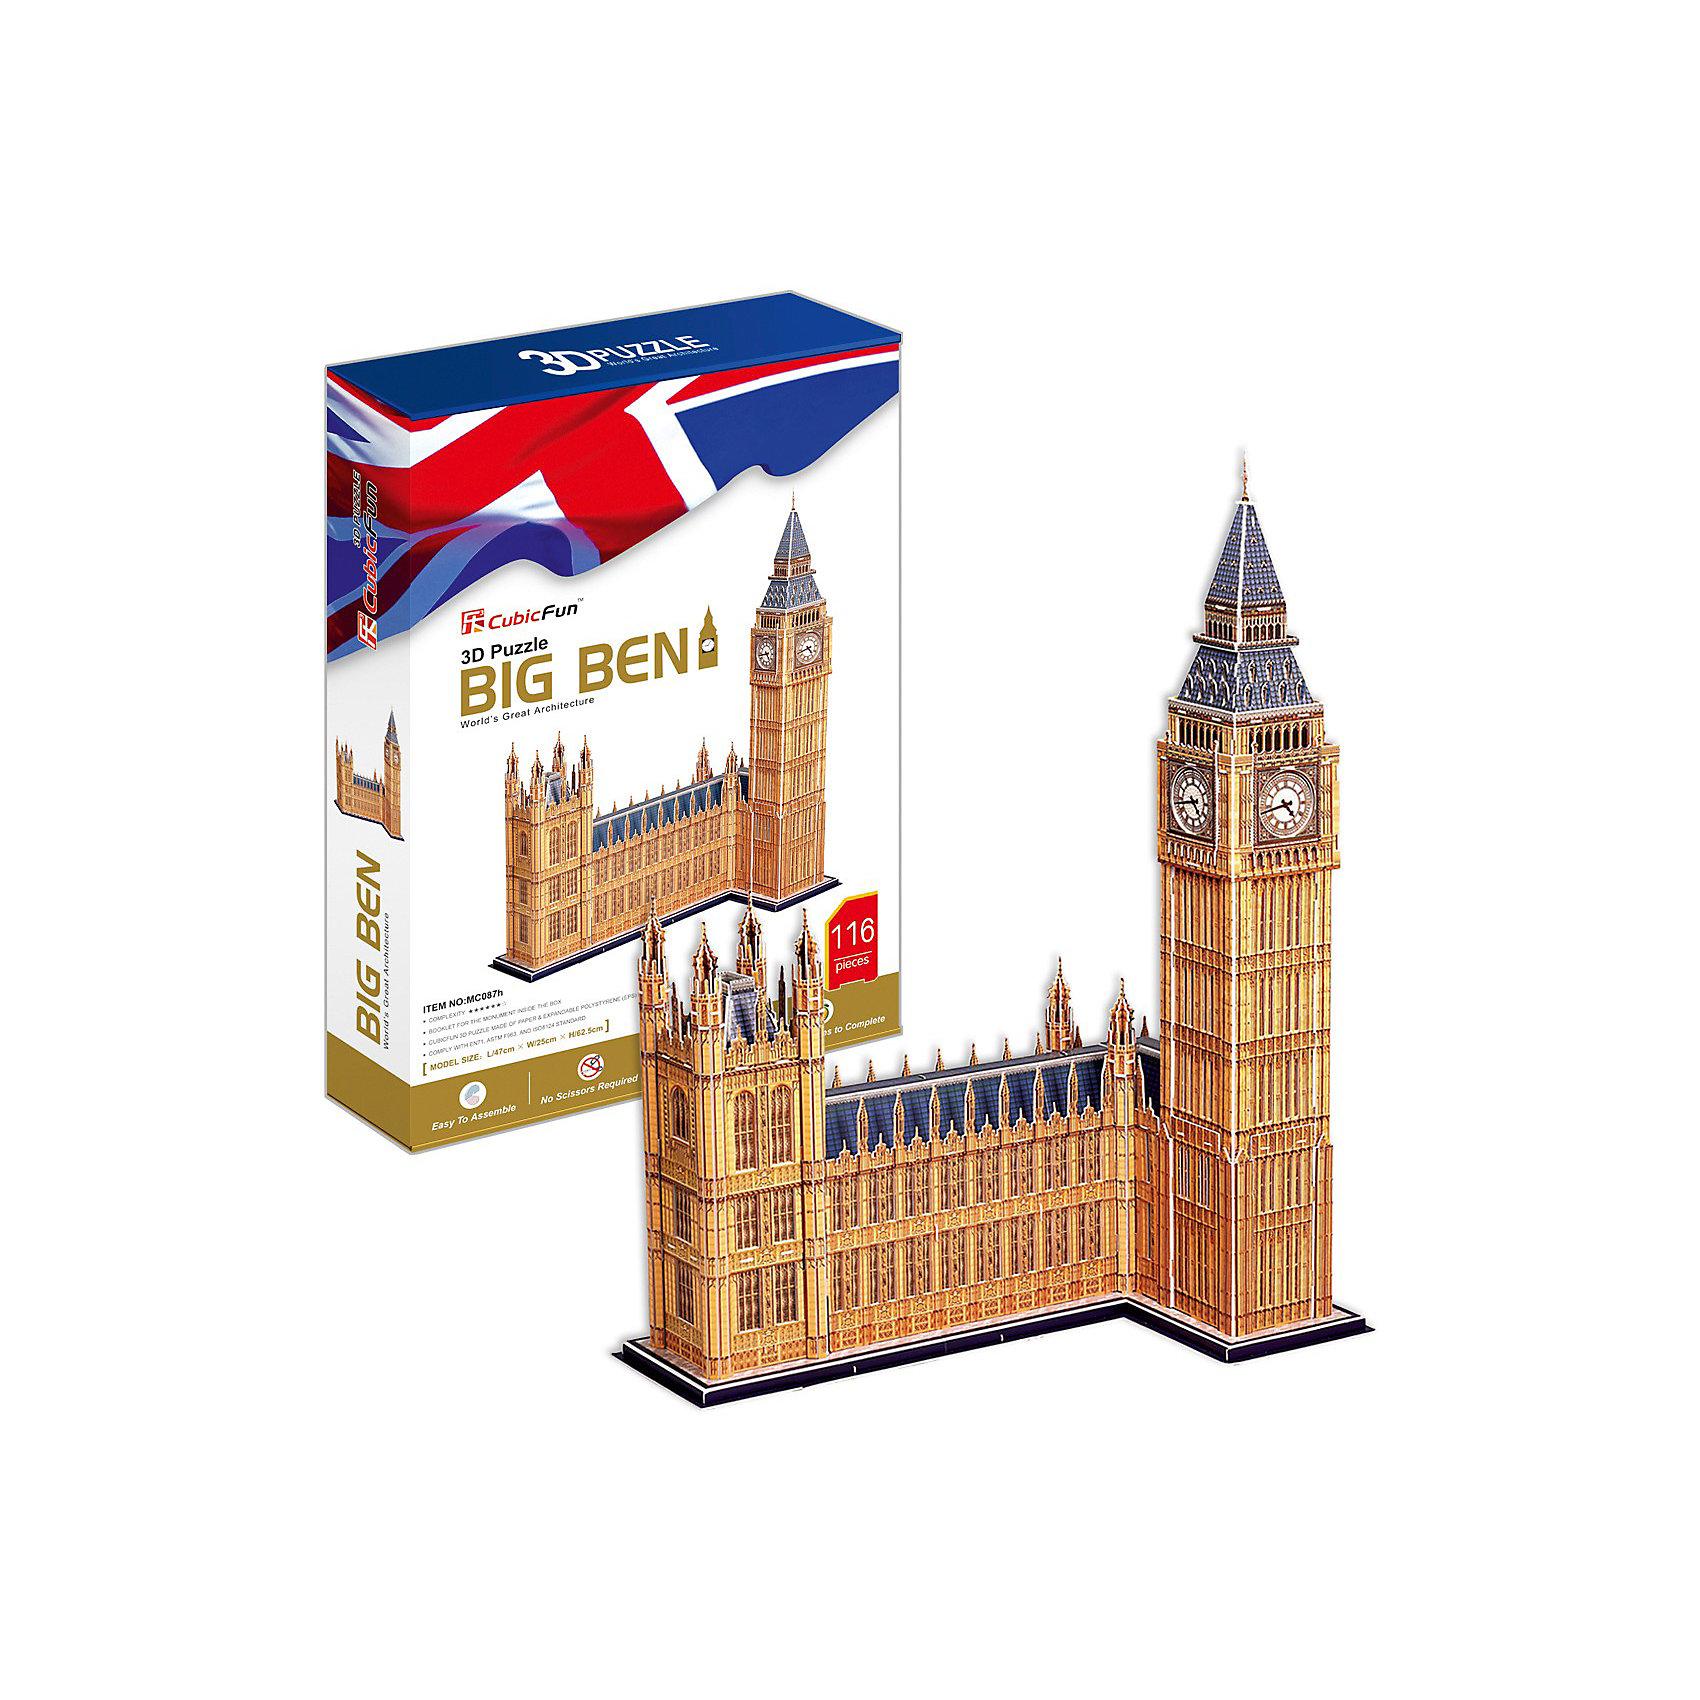 CubicFun Пазл 3D Биг Бен (Великобритания), 116 деталей, CubicFun конструкторы cubicfun 3d пазл эйфелева башня 2 франция